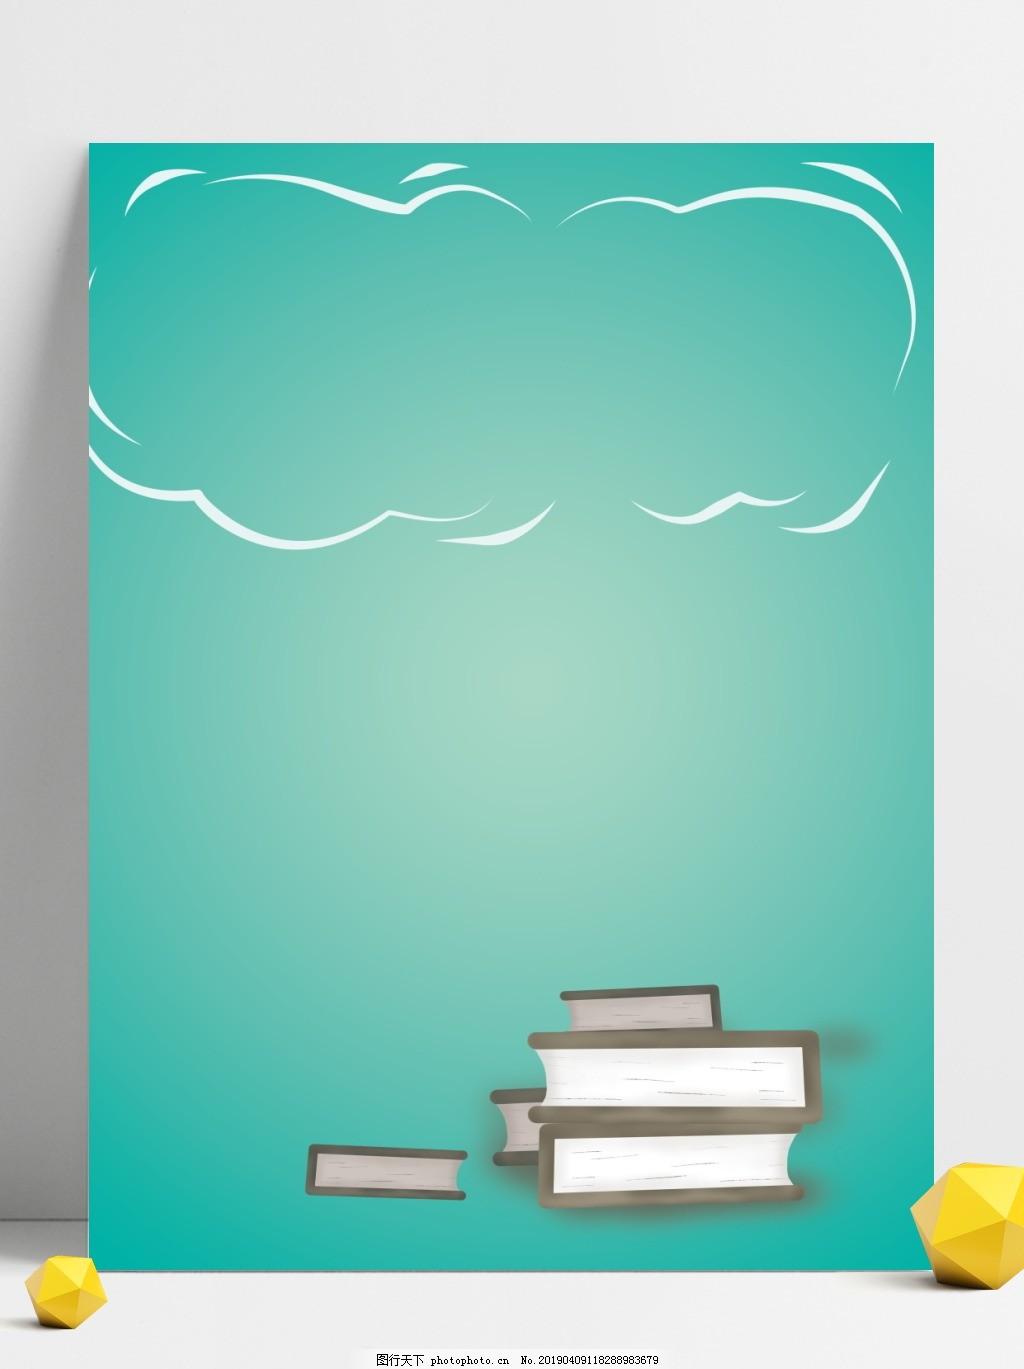 开学装备限时特惠开学促销背景,招生背景,学习背景,教育背景,书本,手绘背景,文具背景